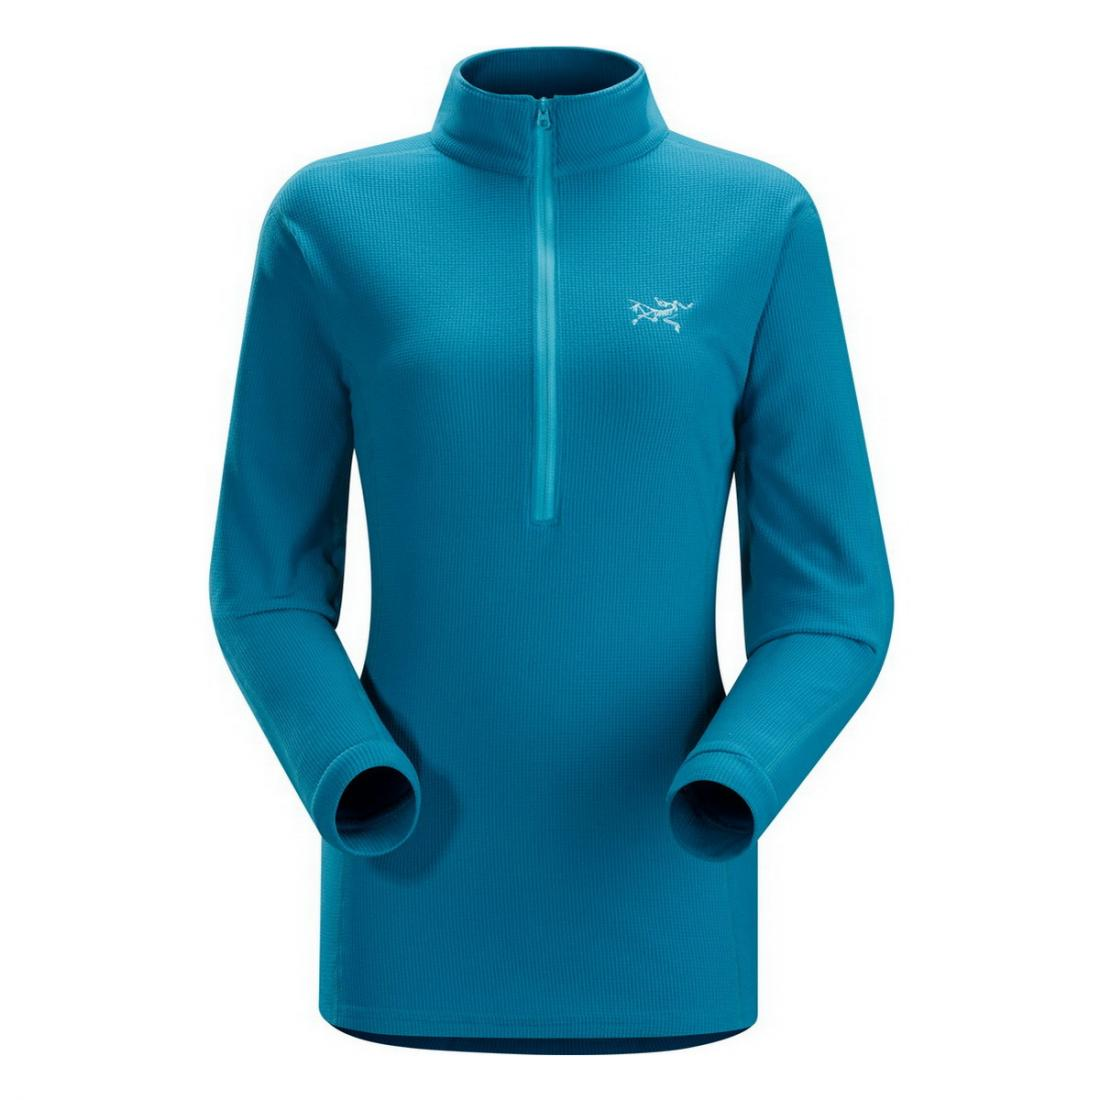 Куртка Delta LT Zip жен.Пуловеры<br><br><br><br> Delta LT Zip Womens – комфортная и легкая флисовая куртка от компании Arcteryx. Эта модель отвечает всем требованиям для активного городского образа жизни. Женская куртка оснащена молнией до середины длины, которая позволяет регулировать...<br><br>Цвет: Синий<br>Размер: XL